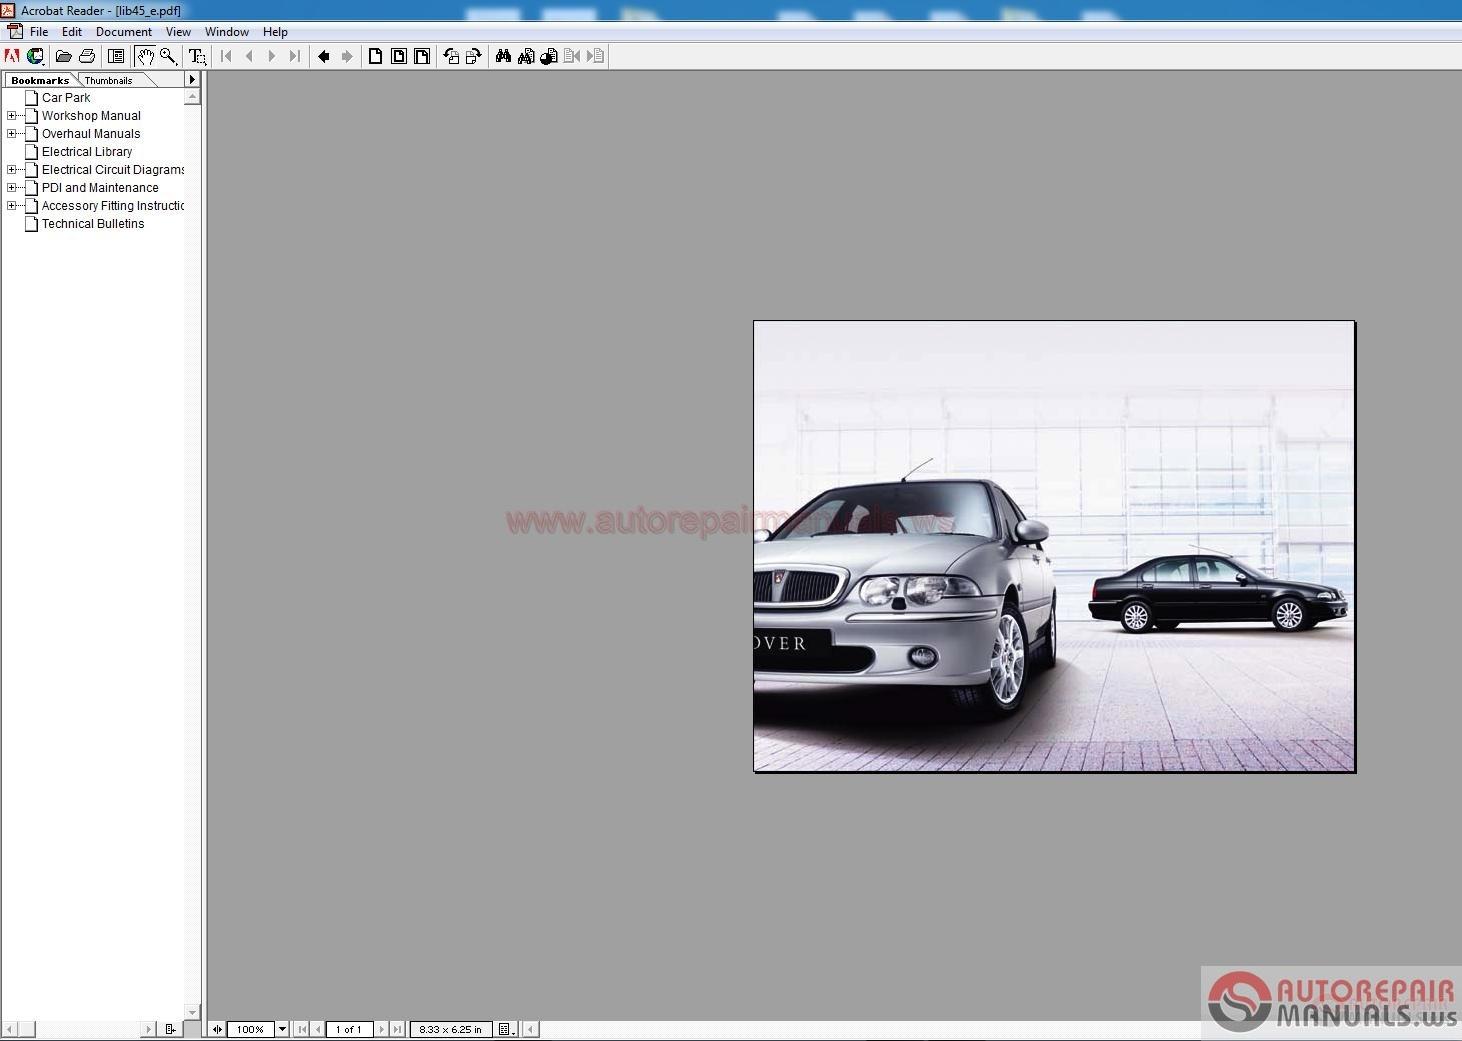 MG Rover 45 Platform Workshop Manuals Auto Repair Manual